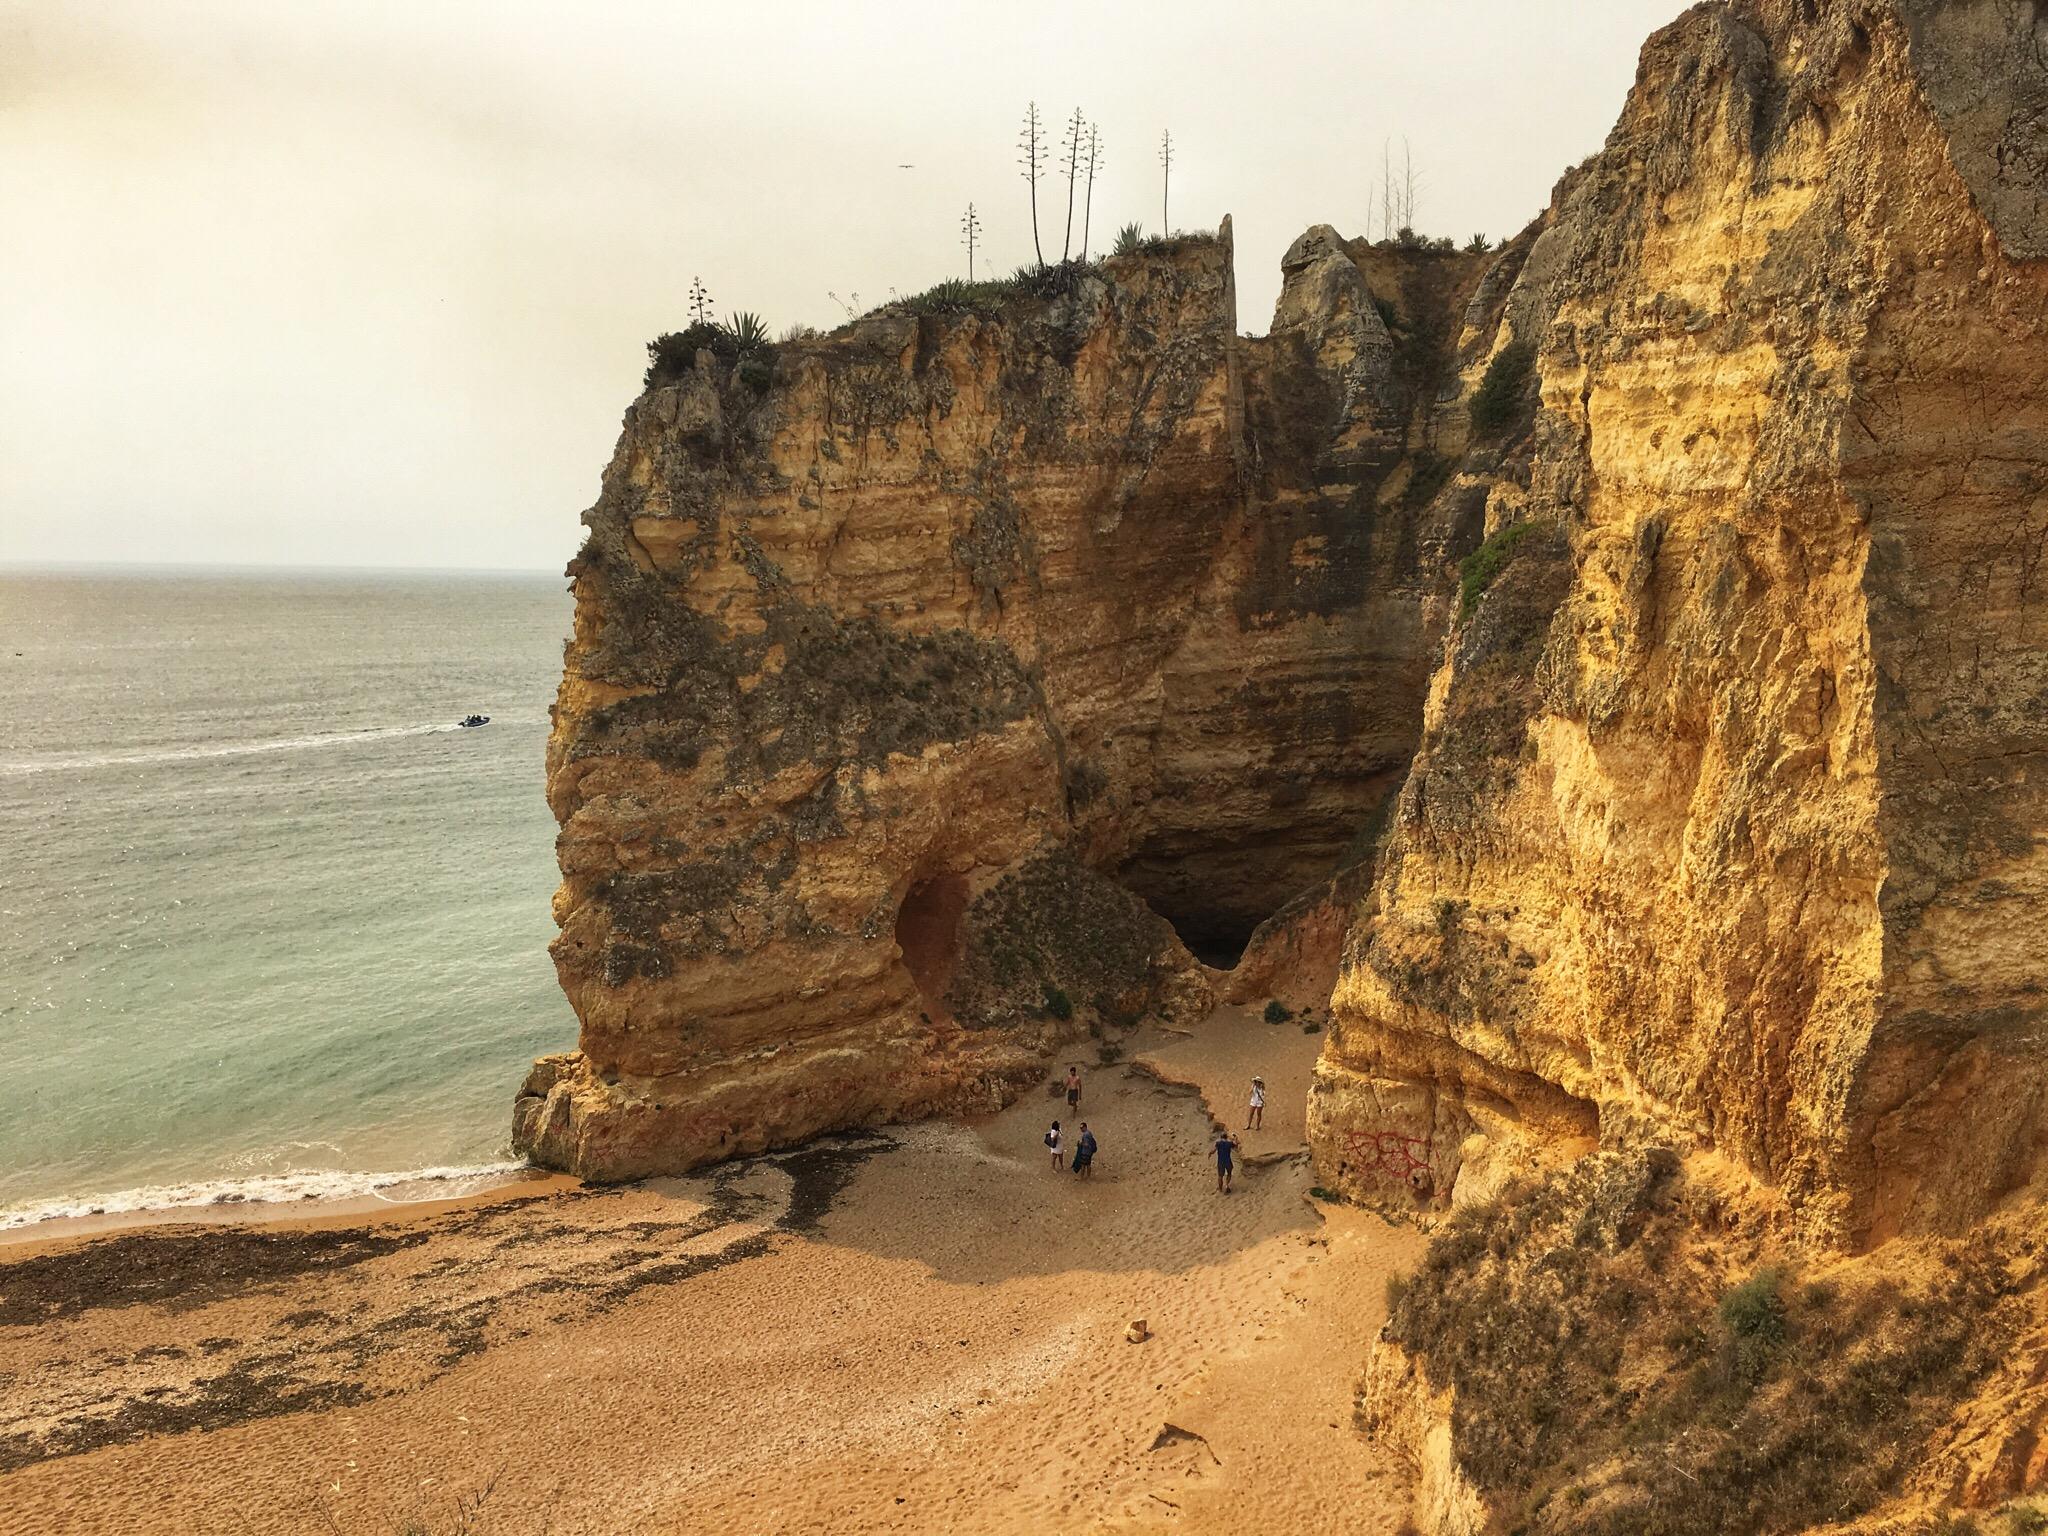 Spettacolari scogliere a Lagos Algarve